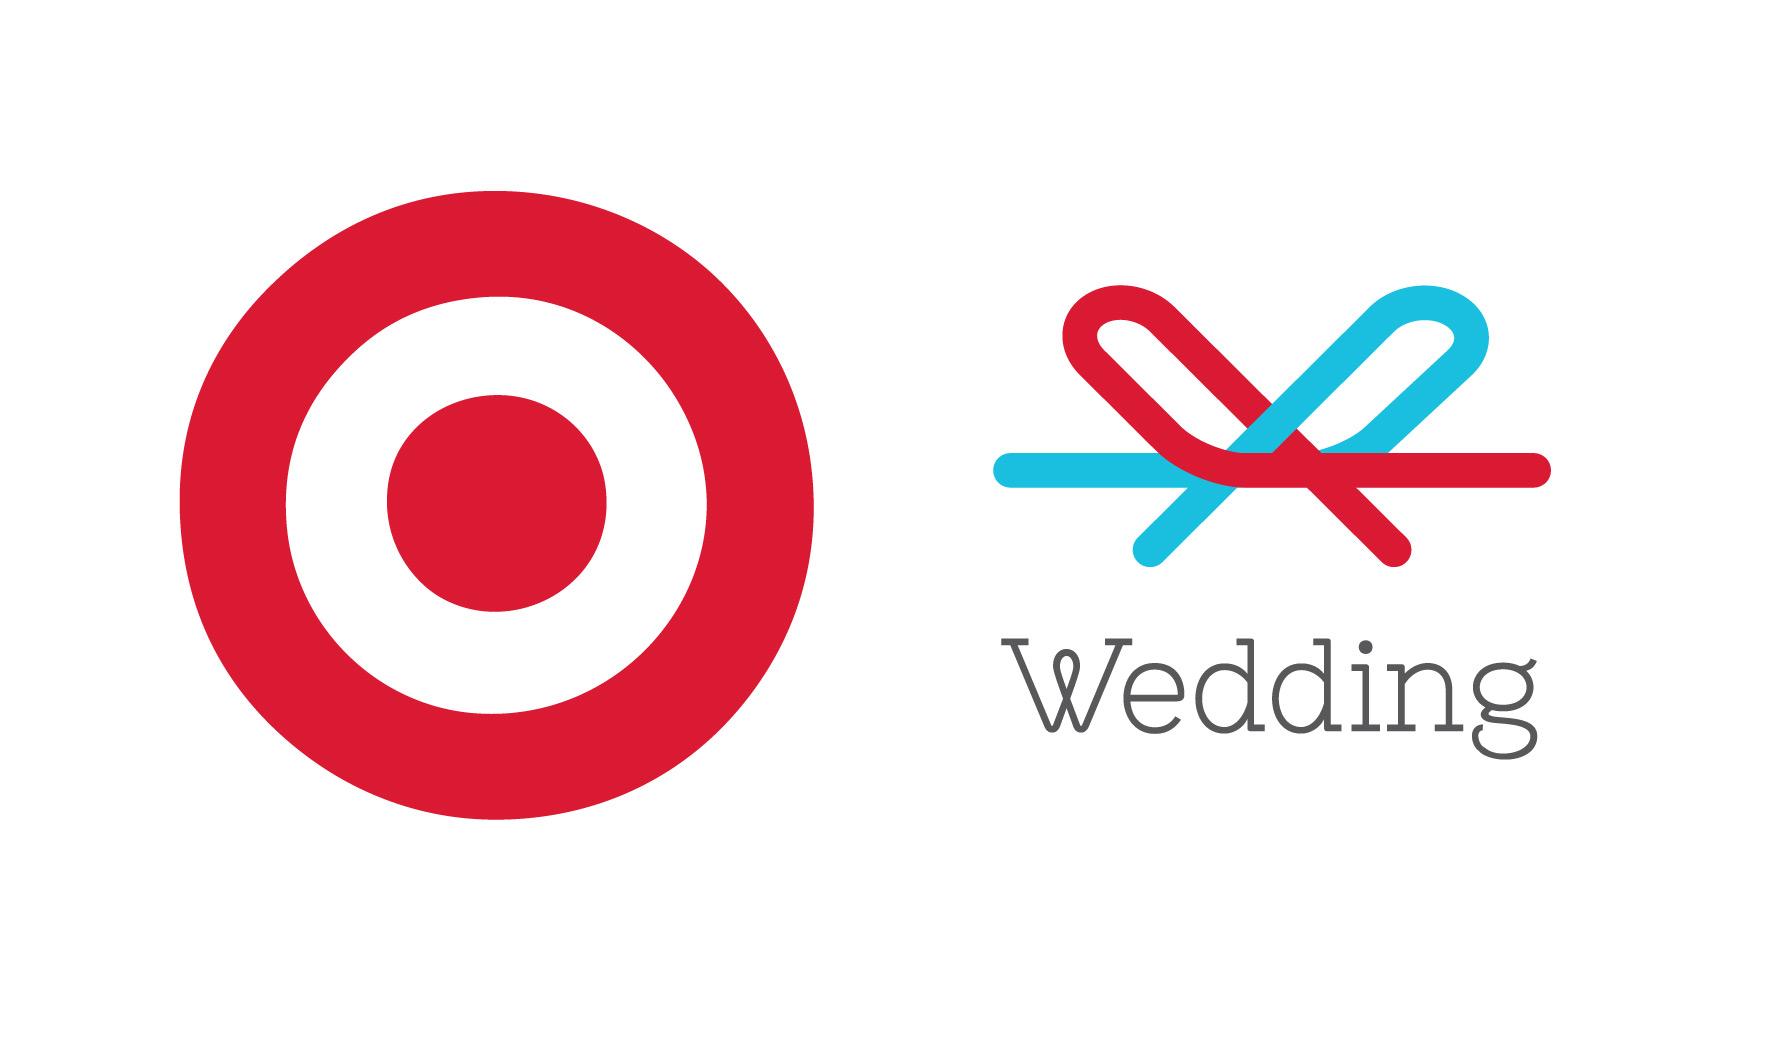 Wedding Gift Registry Target : Visakh Menon : Art Direction & Branding Design : NEW YORK - 1776x1043 ...